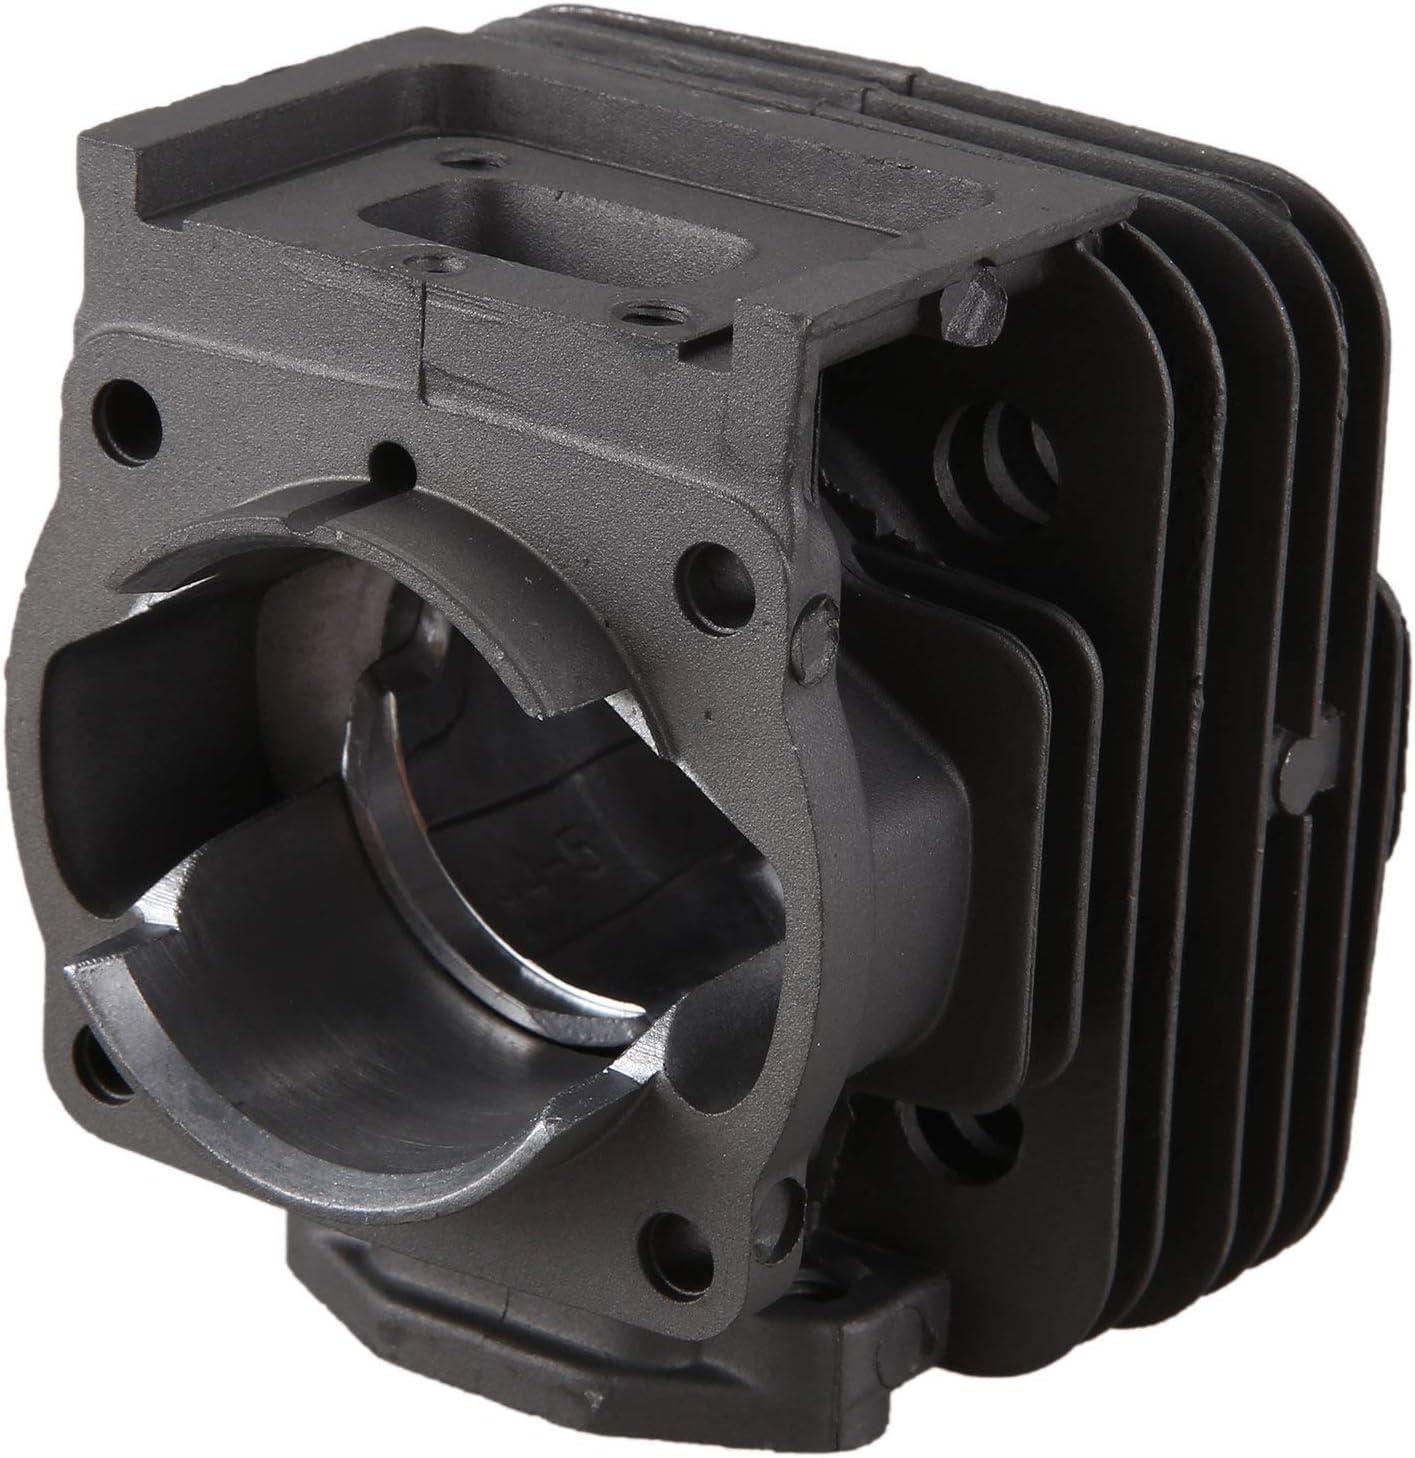 Bobotron 44MM 52CC Cilindro Assy 1E44F-5 44F-5 44-5 BG520 CG520 Kit de montaje de pist/ón de anillo clip de reconstrucci/ón Recortadora piezas